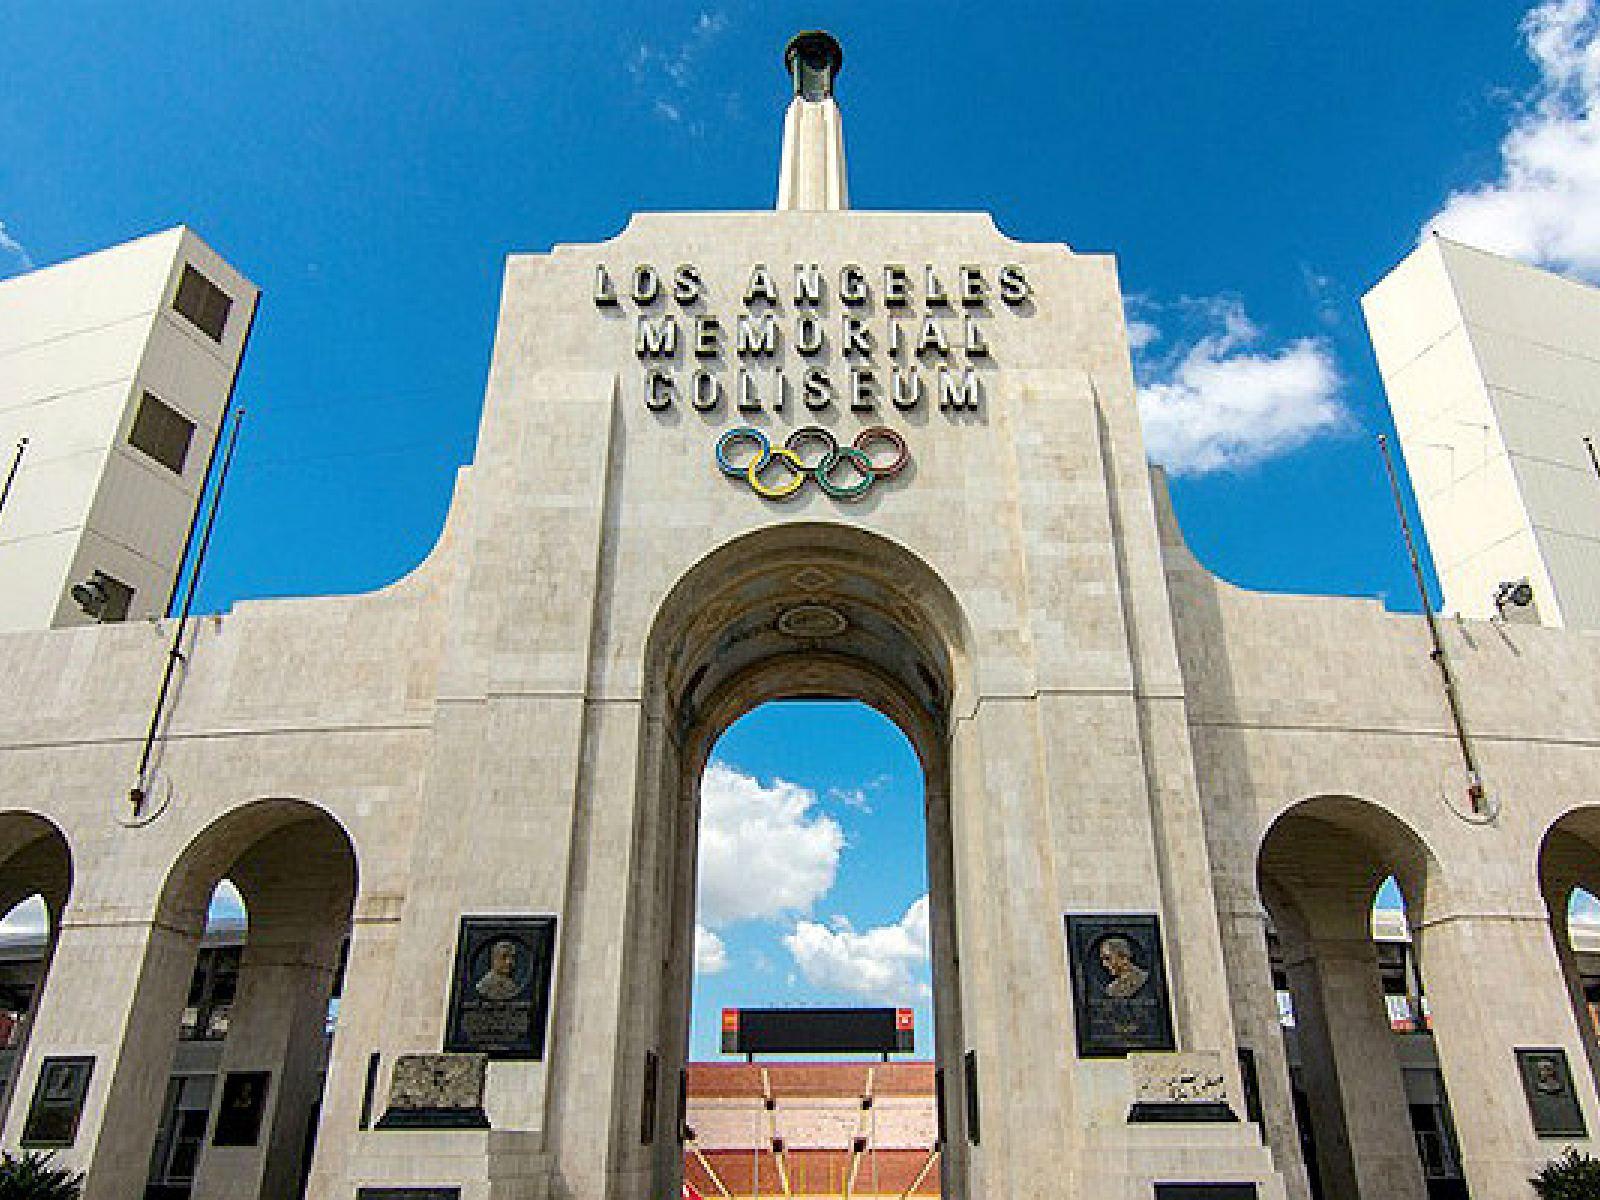 Main image for article titled Los Mejores Momentos Deportivos en la Historia de Los Ángeles Memorial Coliseum